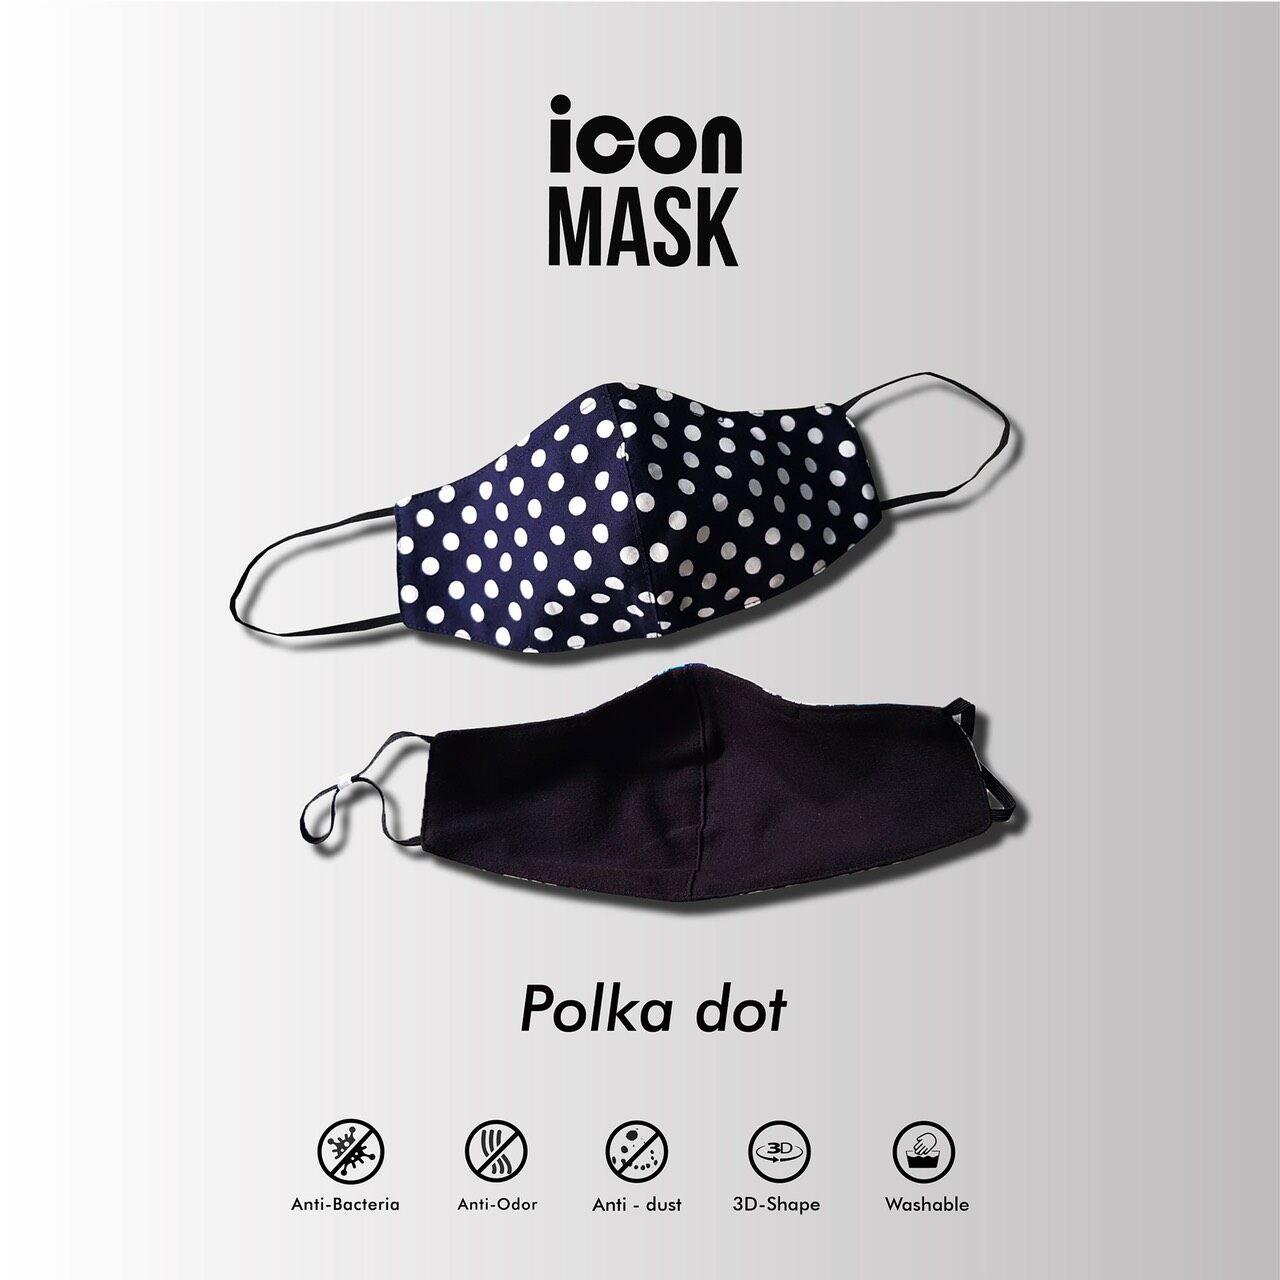 Icon (ไอคอน) ลดล้างสต๊อก ผ้าปิดหน้า ผลิตจากผ้านาโนซิงค์ (NANO ZINC OXIDE) ช่วยป้องกันแบคทีเรียและกลิ่นอับชื้น มีให้เลือก 5 ลาย แพ็ค 1 ชิ้น - IIO5001